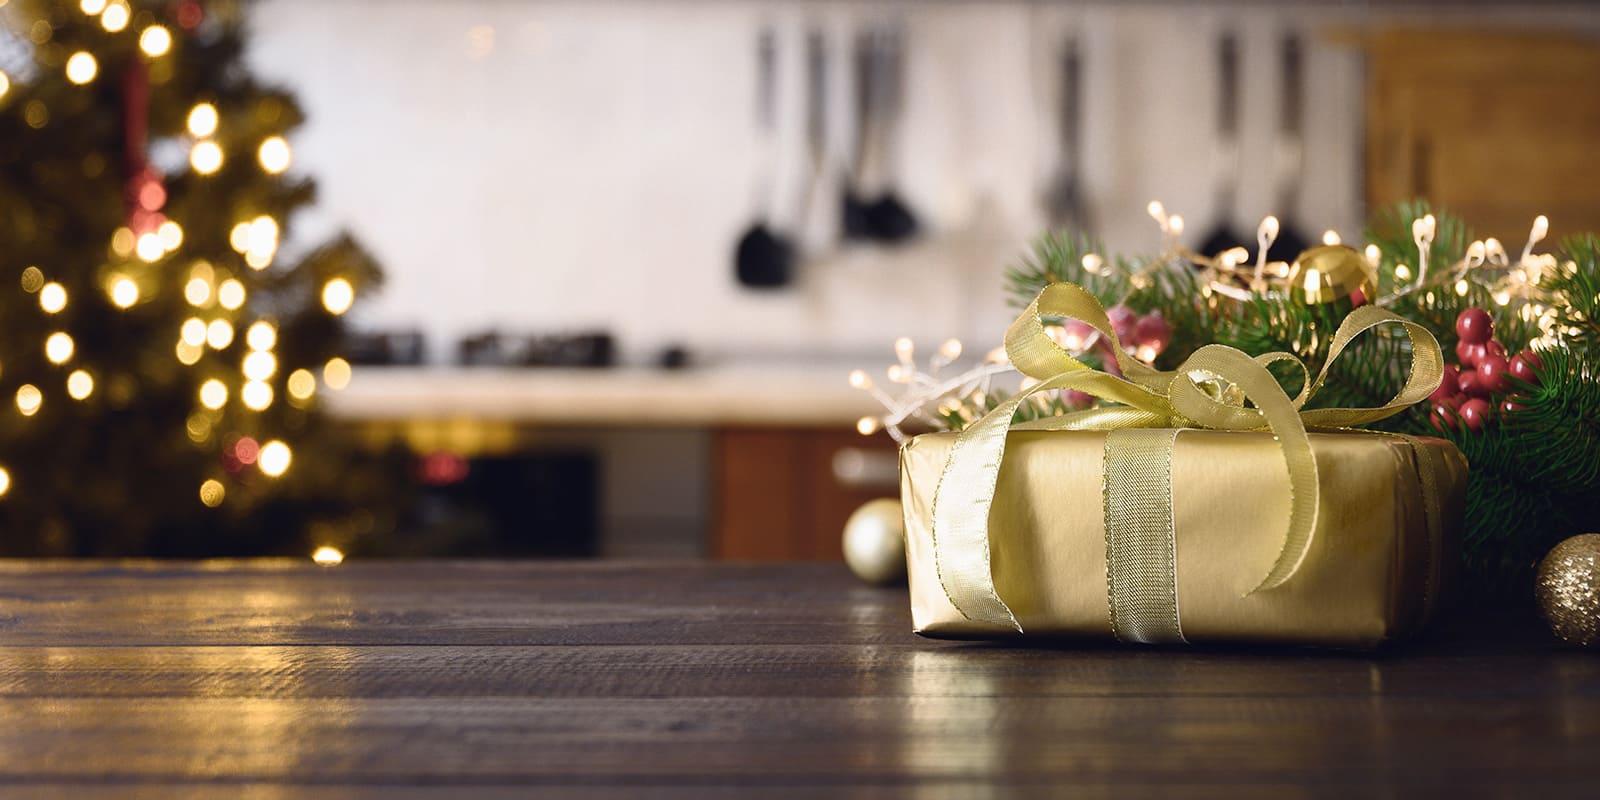 Galletas Caledonia Navidad 2020